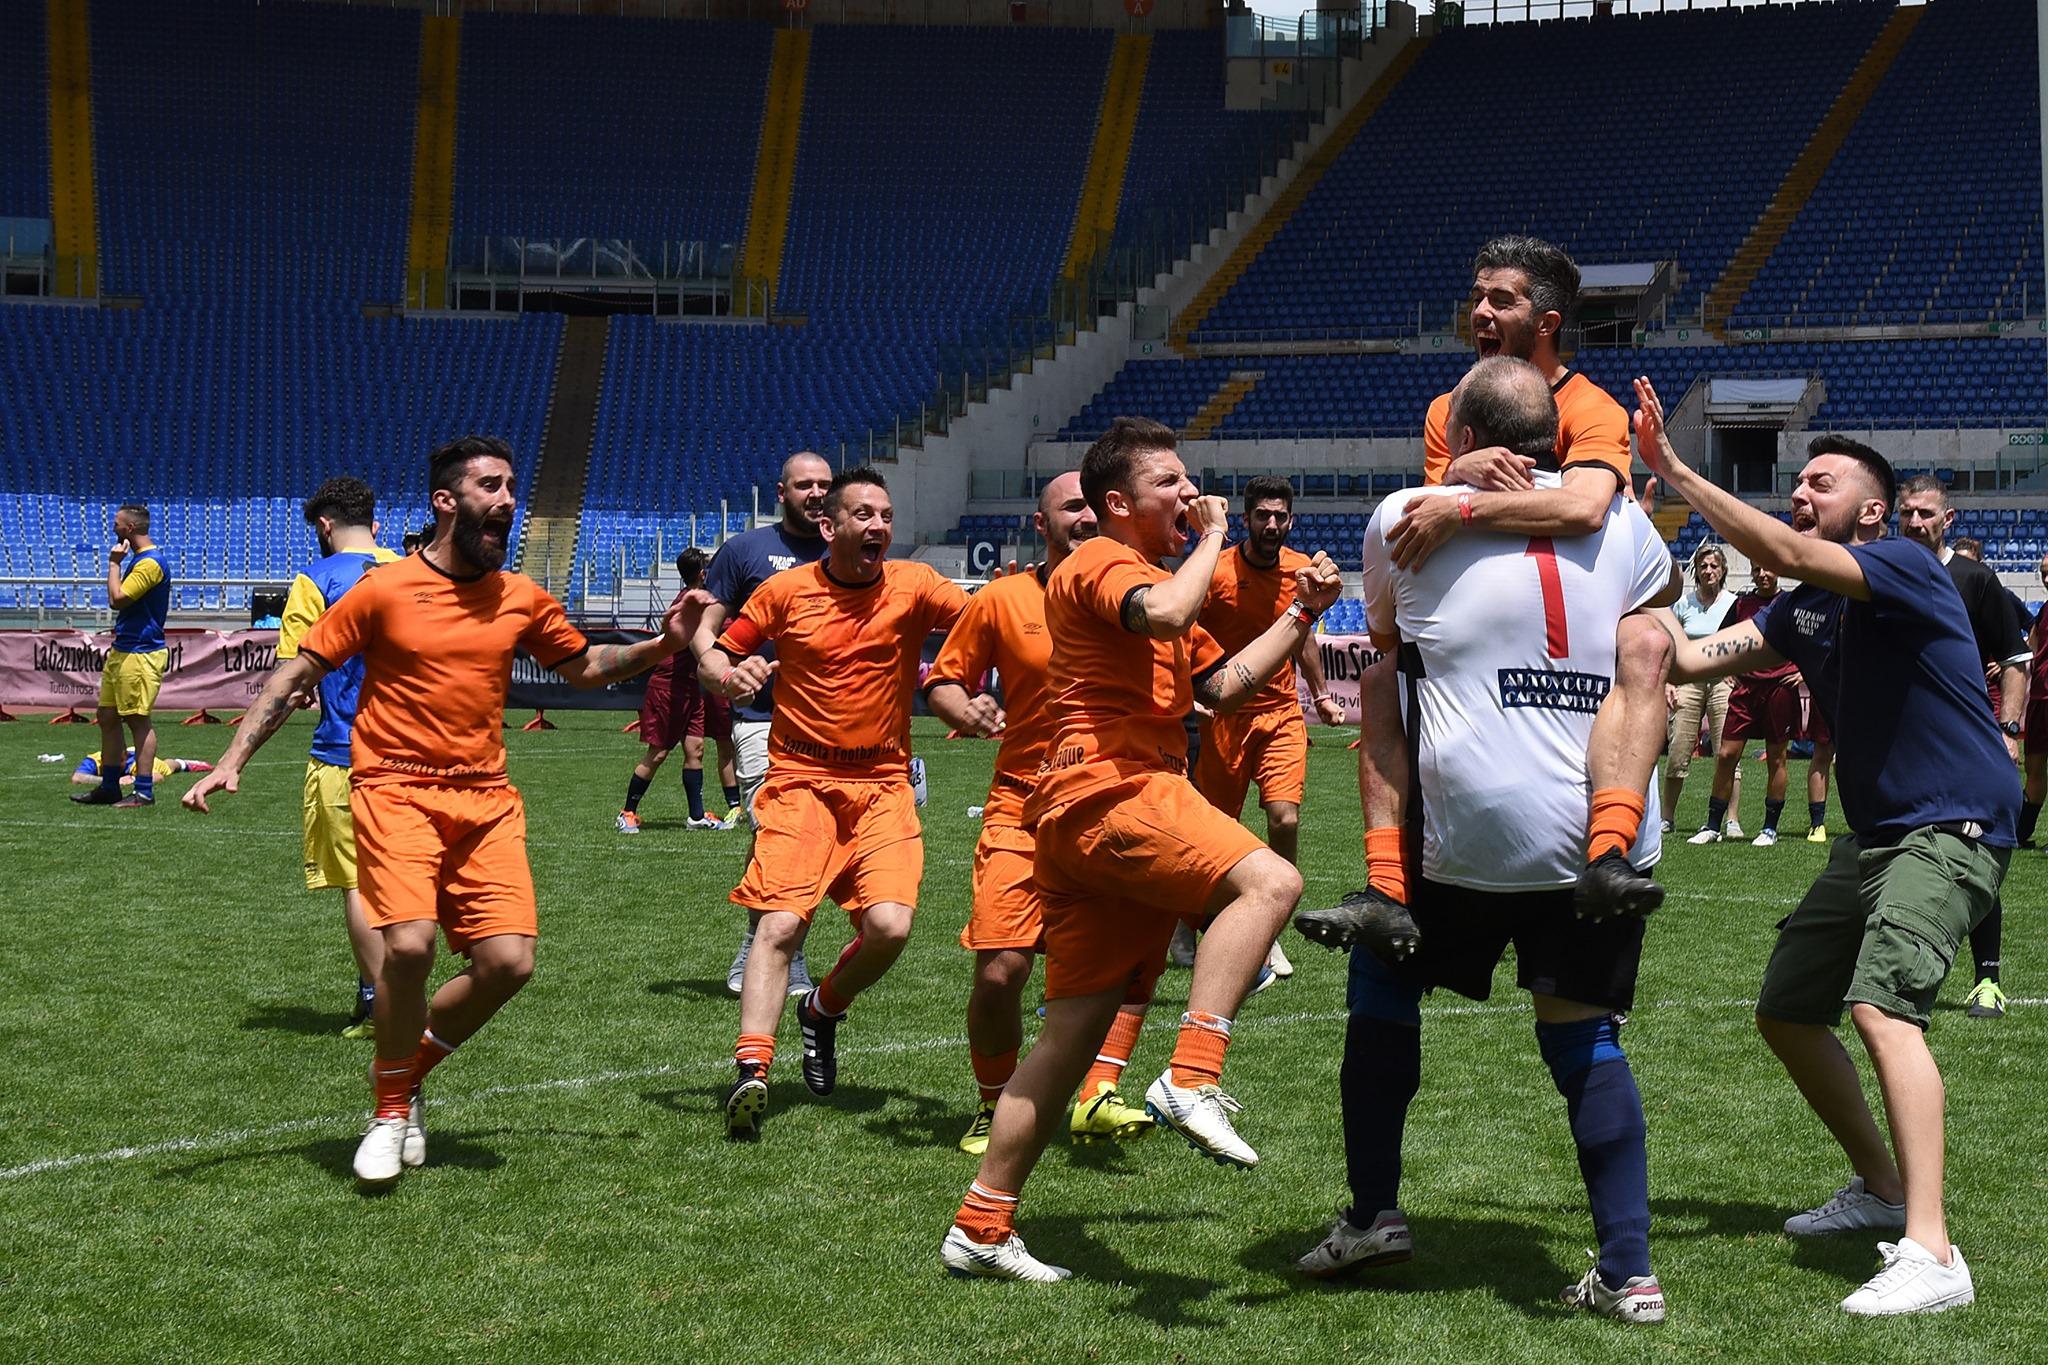 campionato di calcio a 5 sportland milano